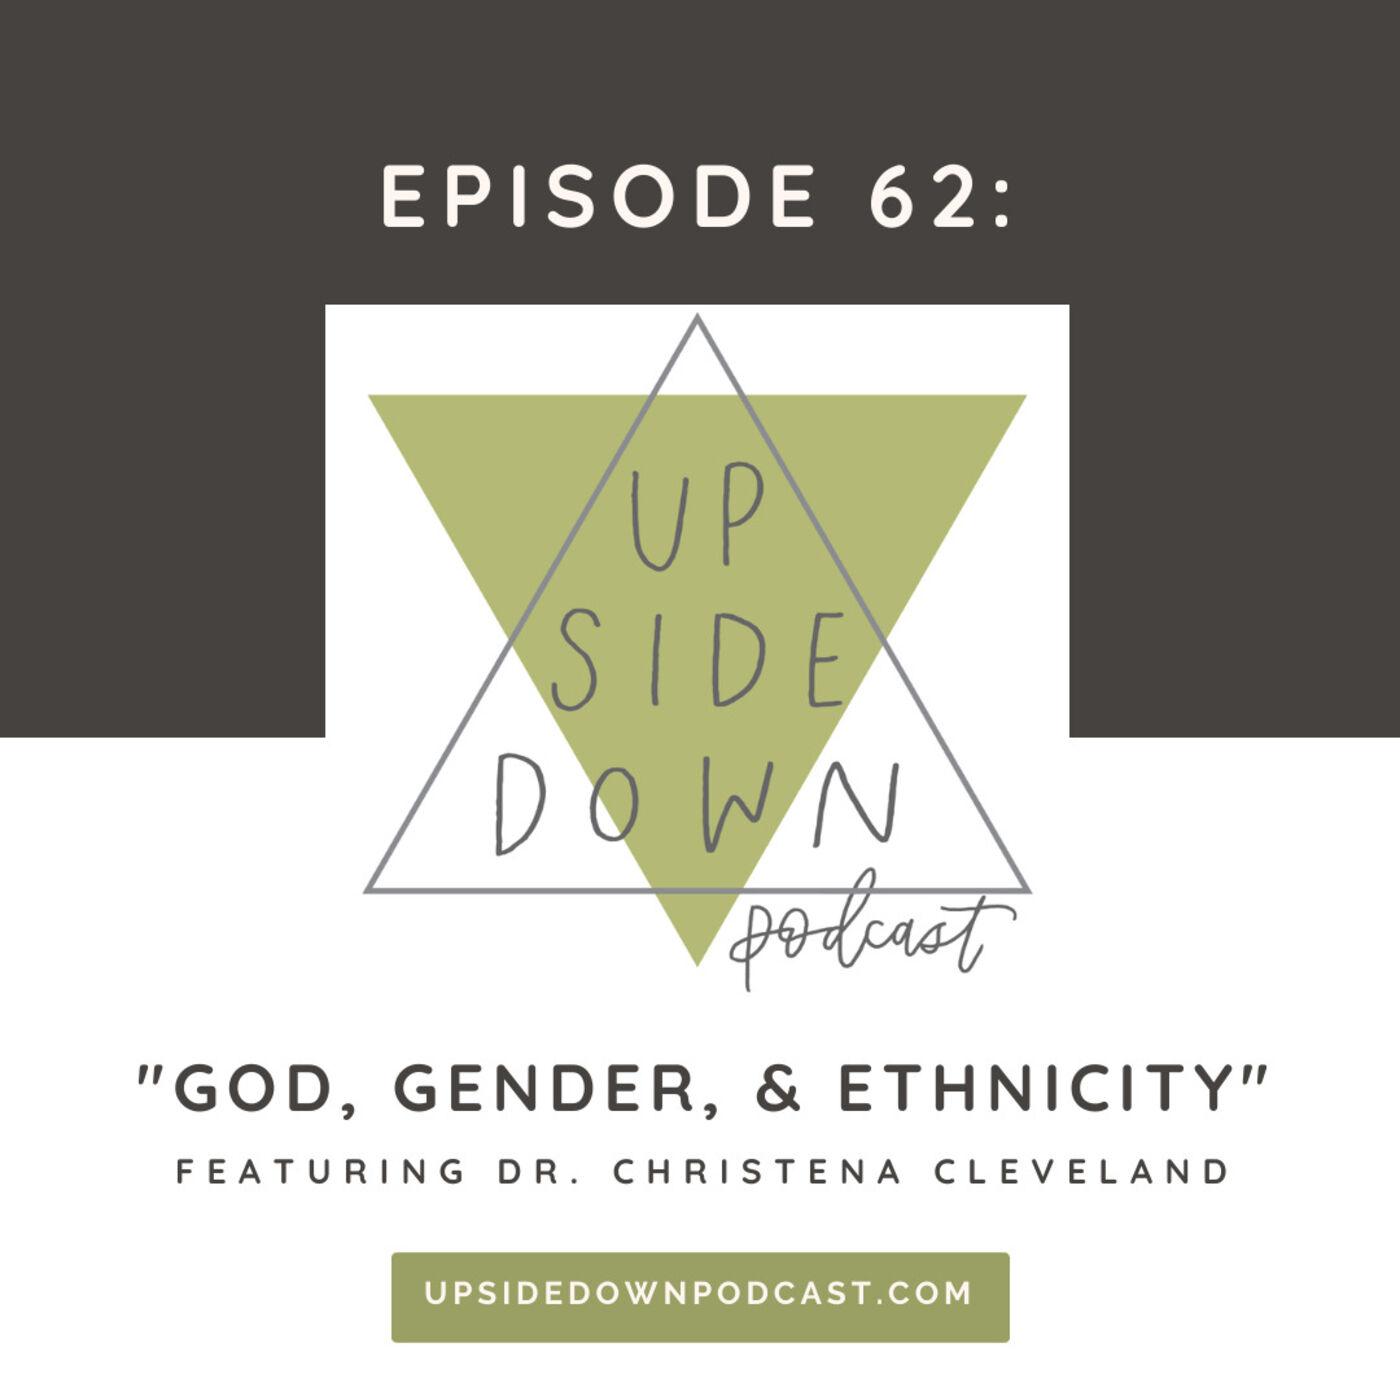 Episode 62 - The Gender & Ethnicity of God with Dr. Christena Cleveland